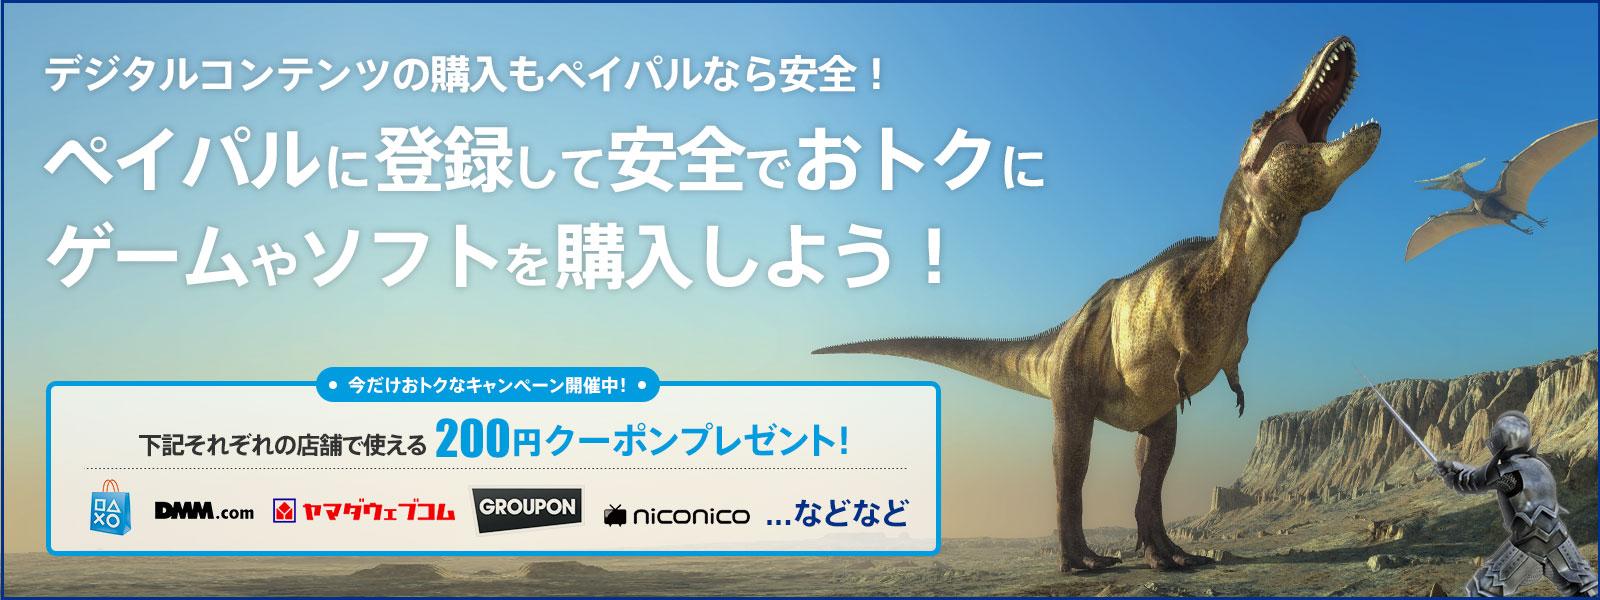 Paypalで東急ハンズ、DMM.com、グルーポン、PlayStationStore、ヤマダウェブコムなどで1000円以上で使える500円引きクーポンを発行中。~9/30。